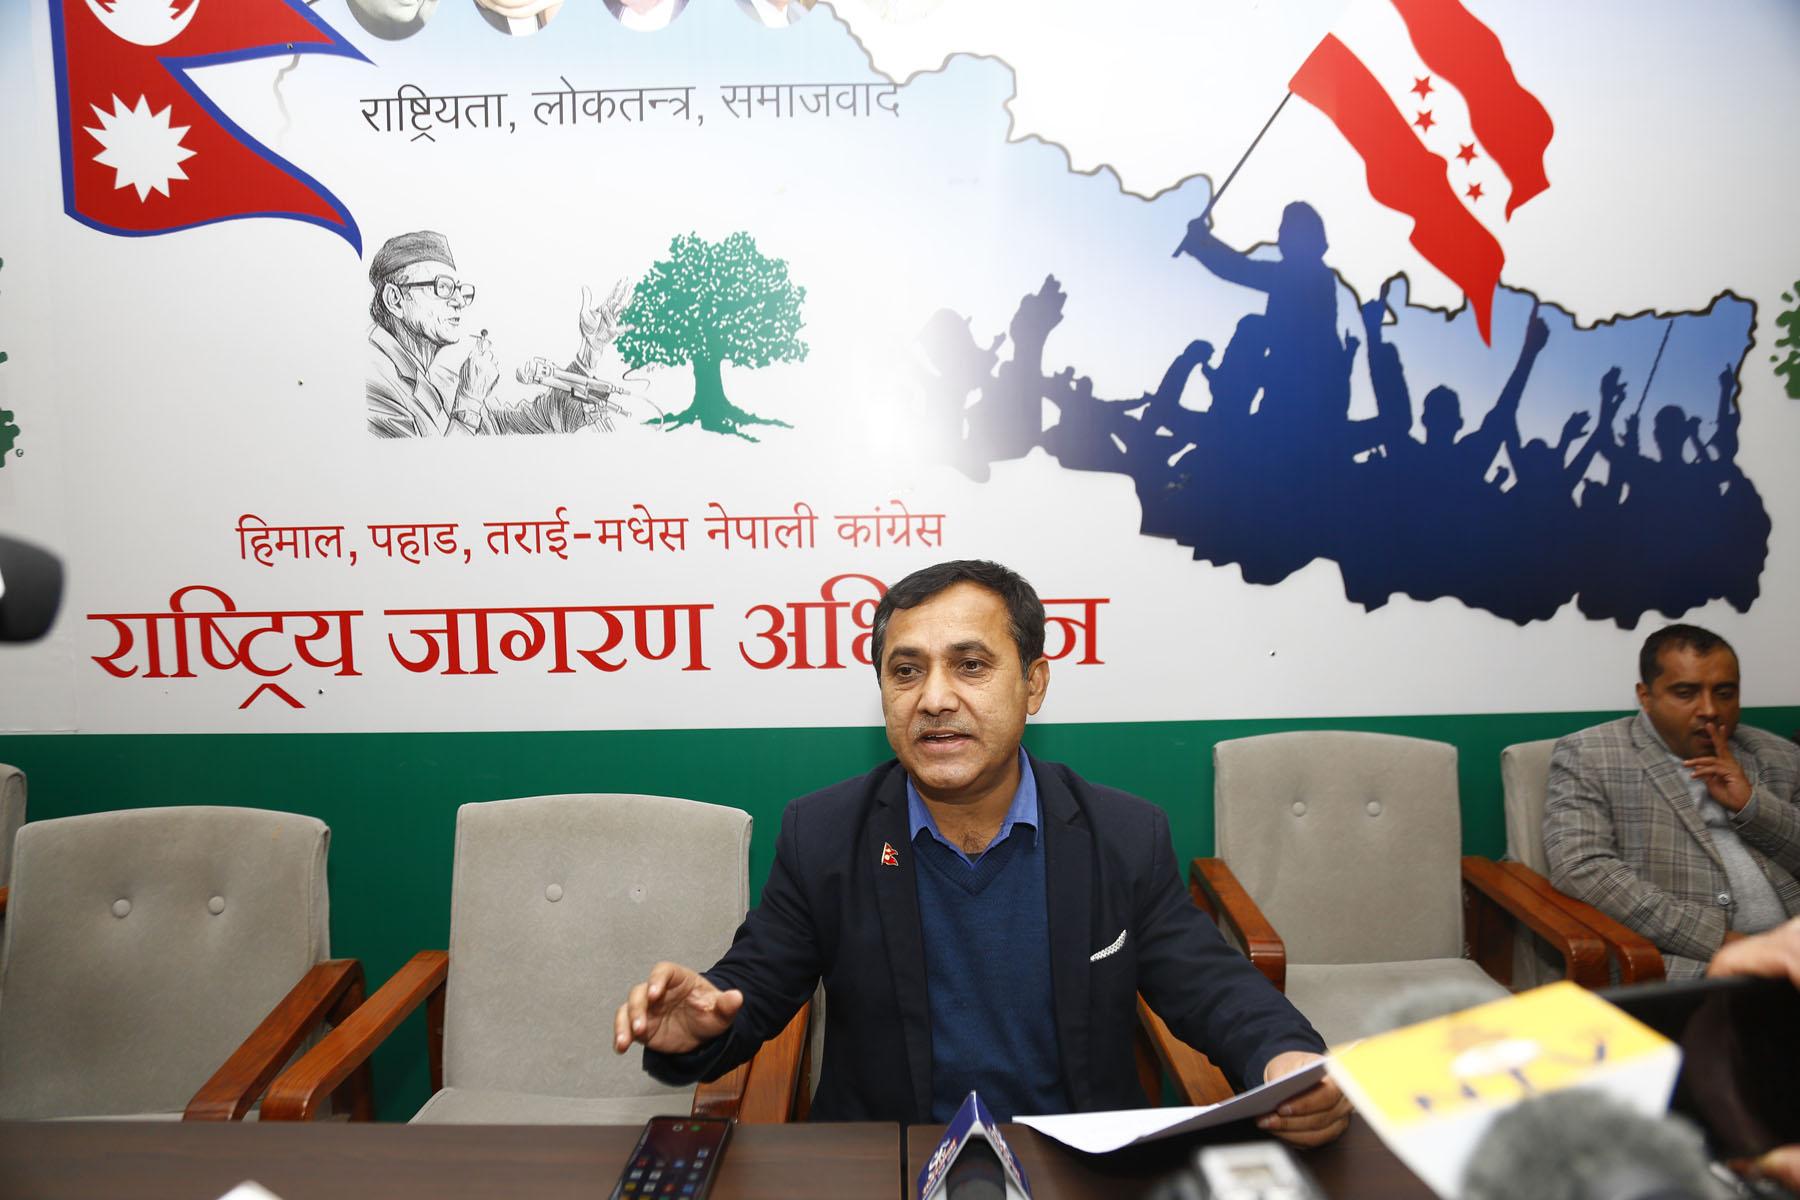 नेपाली कांग्रेसकाे सर्वसम्मत कार्यतालिका सार्वजनिक